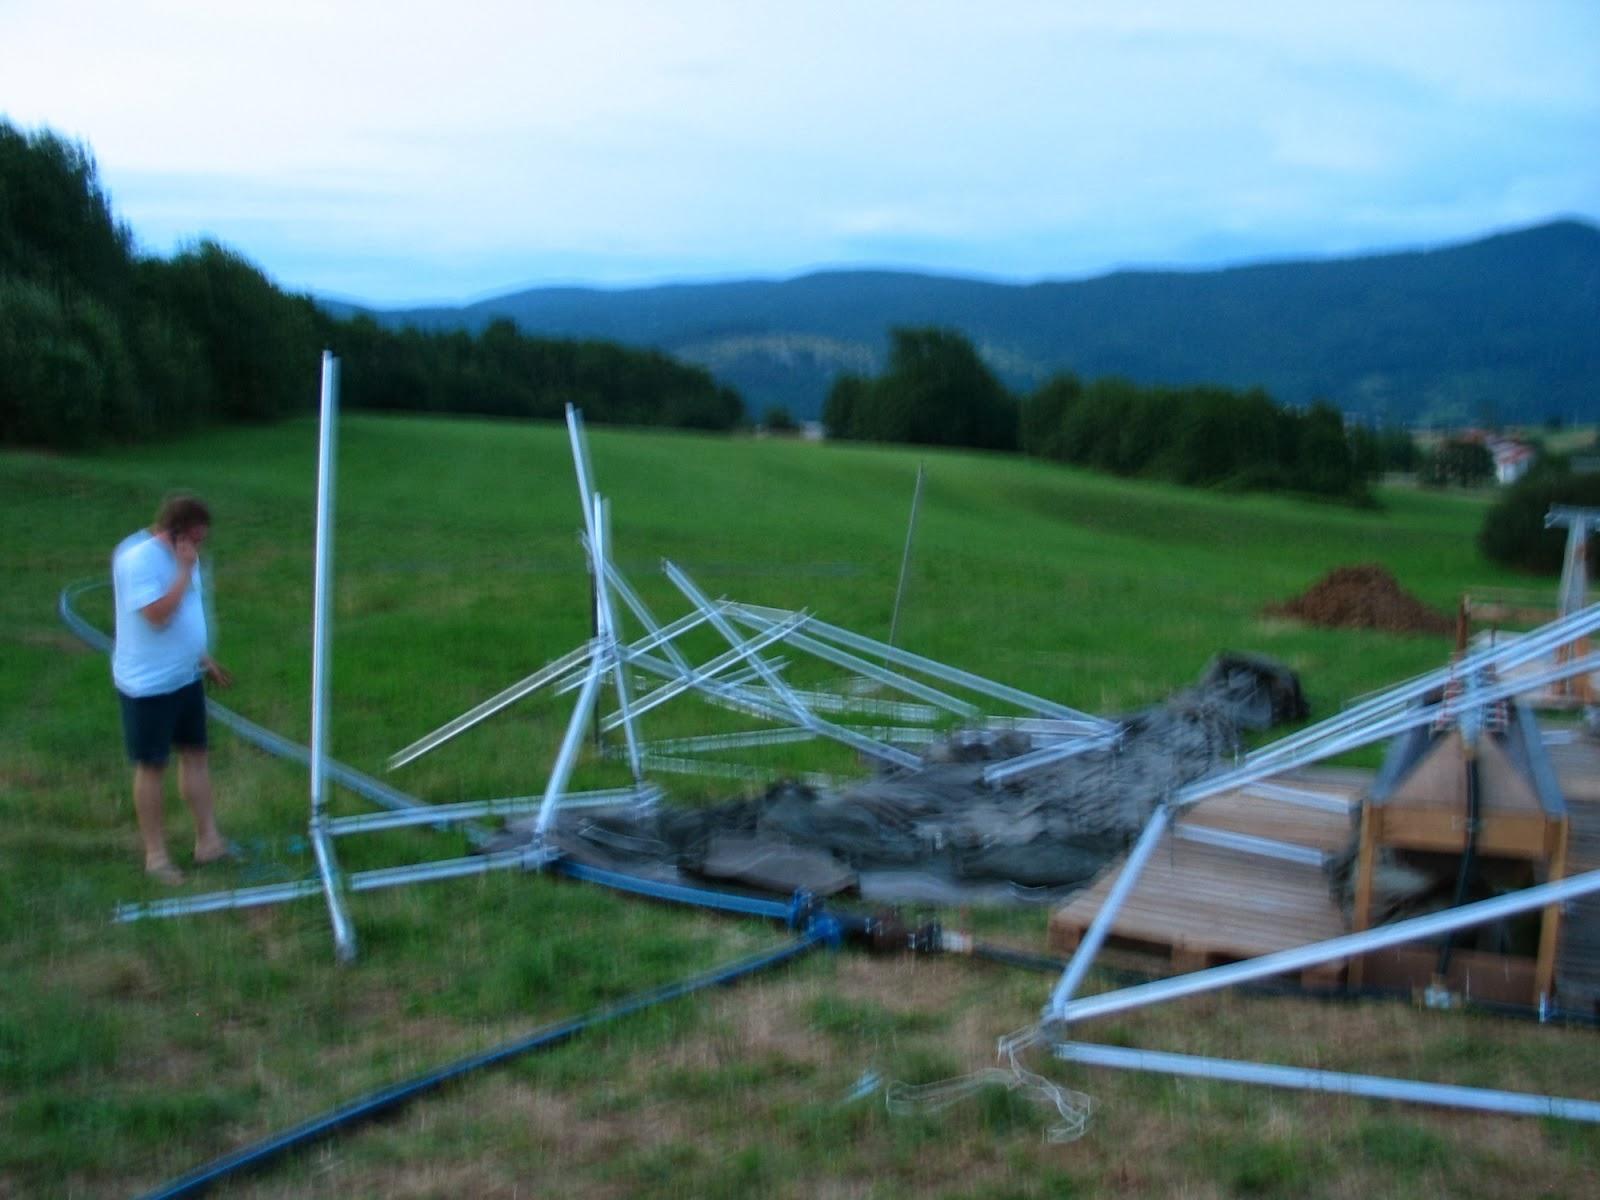 Pow-wow, Ilirska Bistrica 2004 - Zlet%2B2004%2B020.jpg